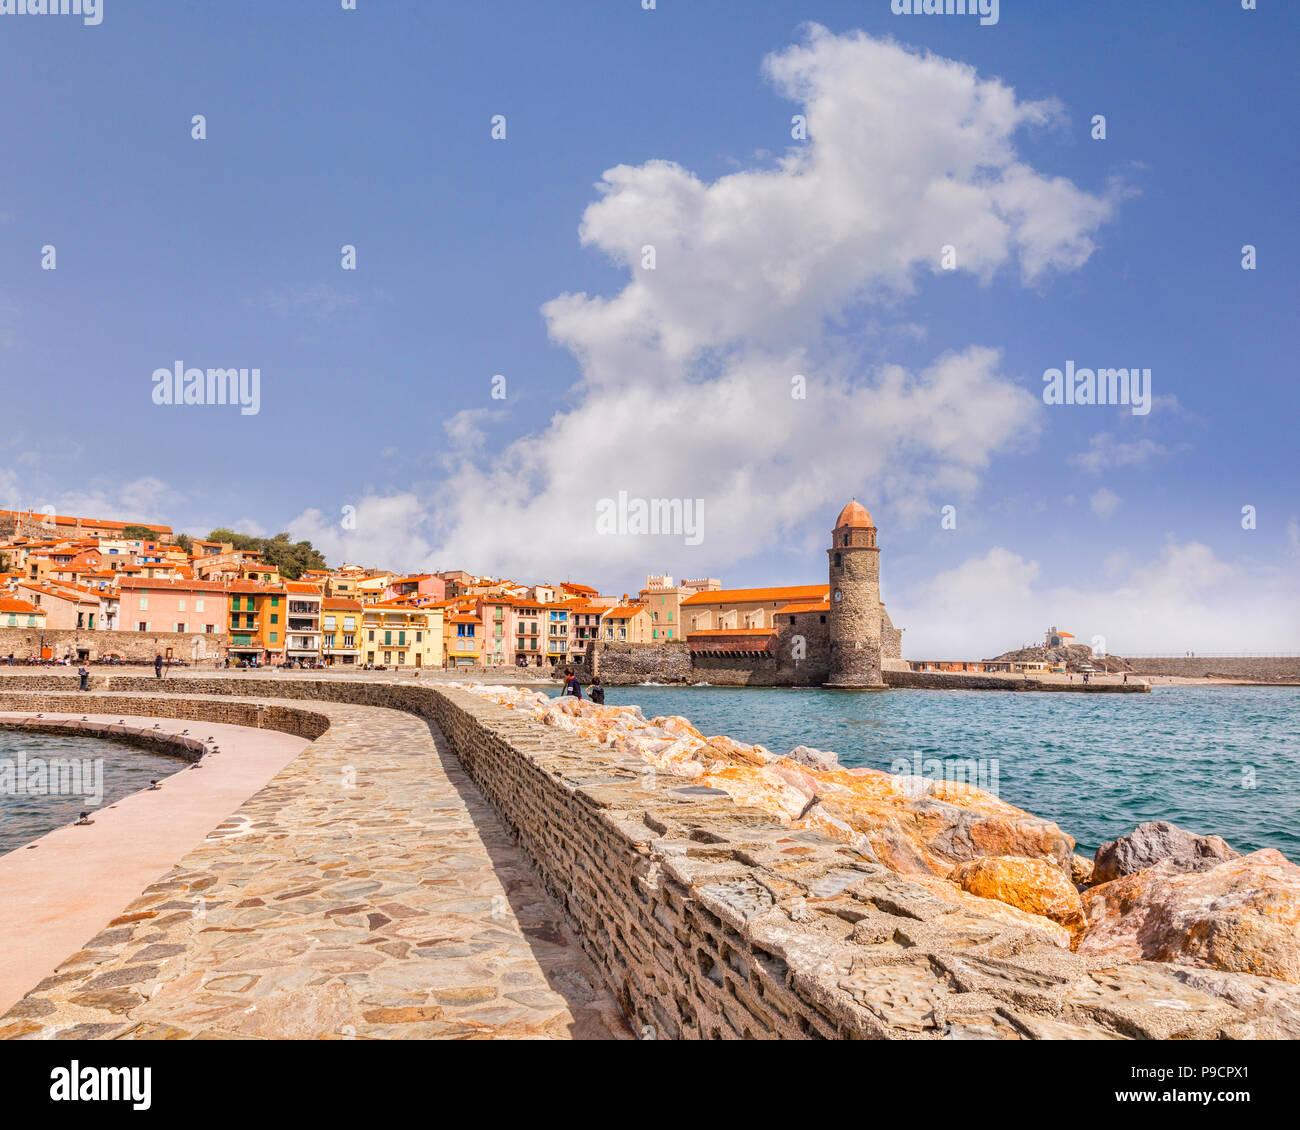 Collioure, Languedoc-Roussillon, Pyrénées-Orientales, France. Photo Stock